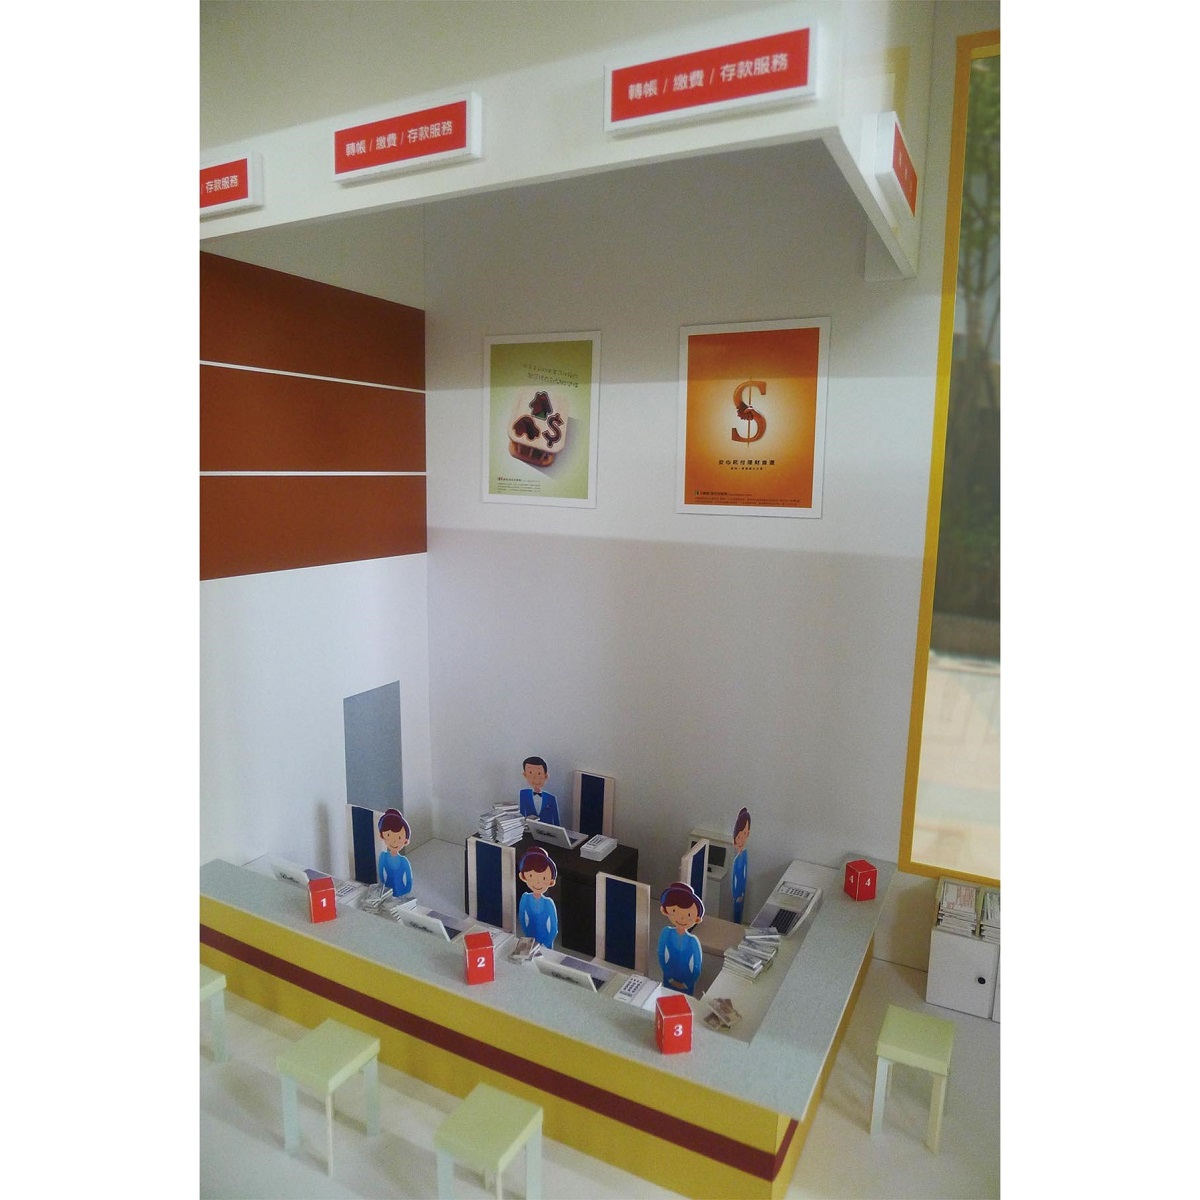 Dollar Bank 商業銀行